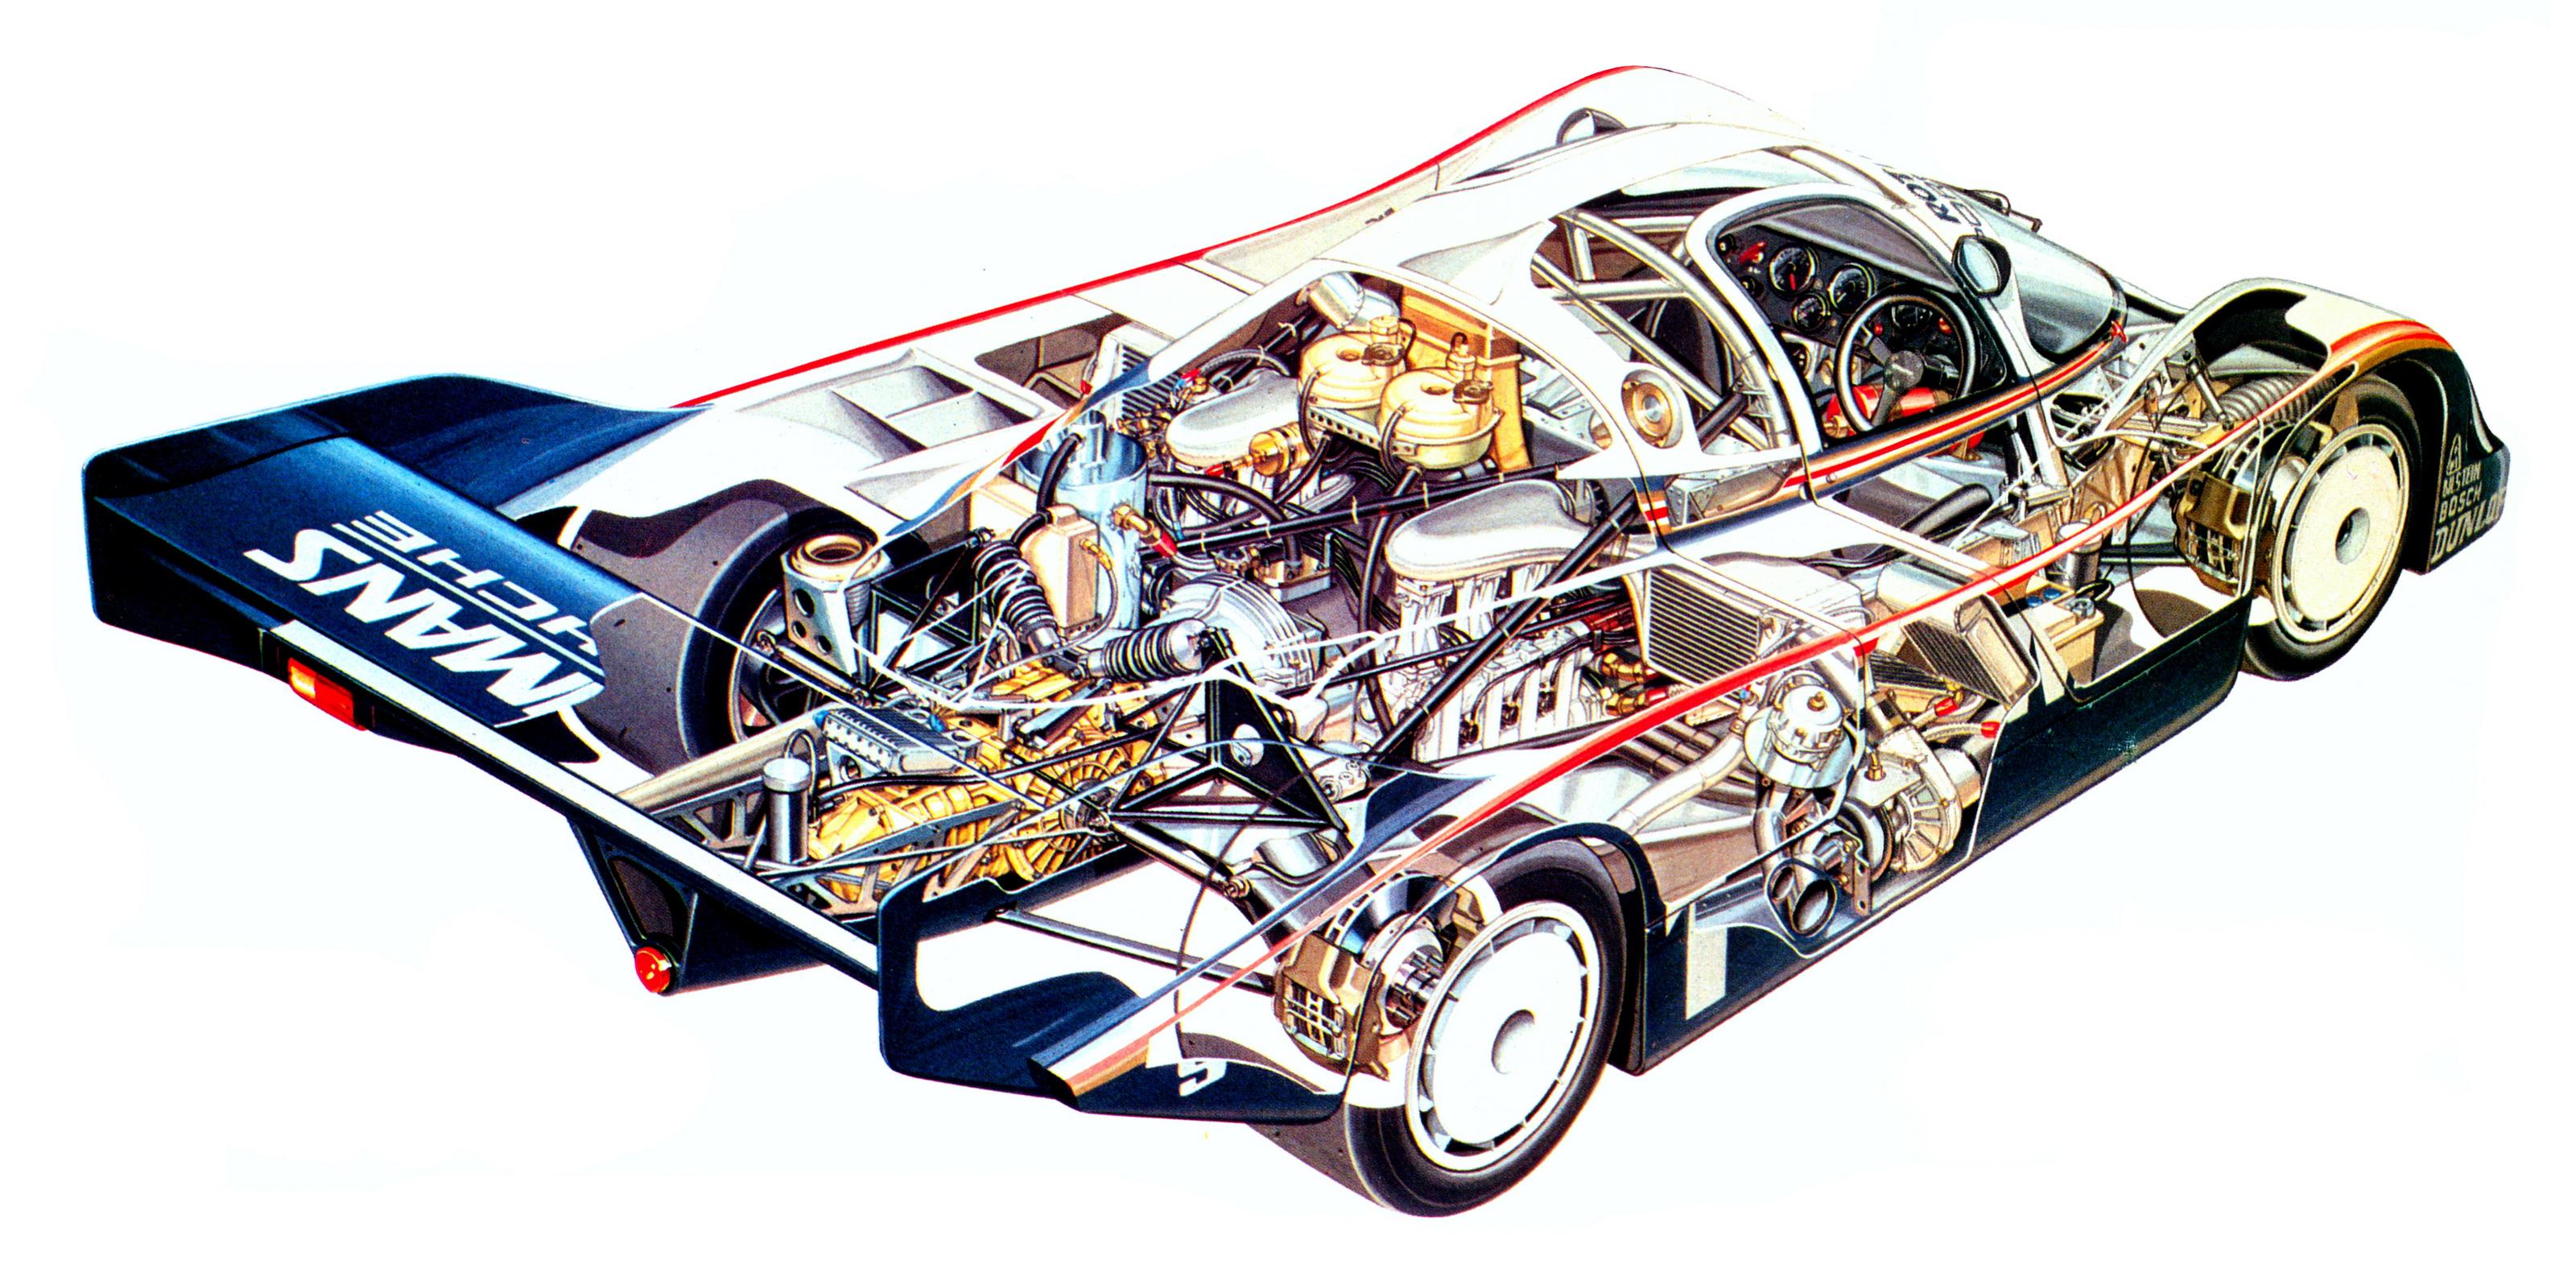 Porsche 956 Engine Diagram. Porsche. Auto Wiring Diagram